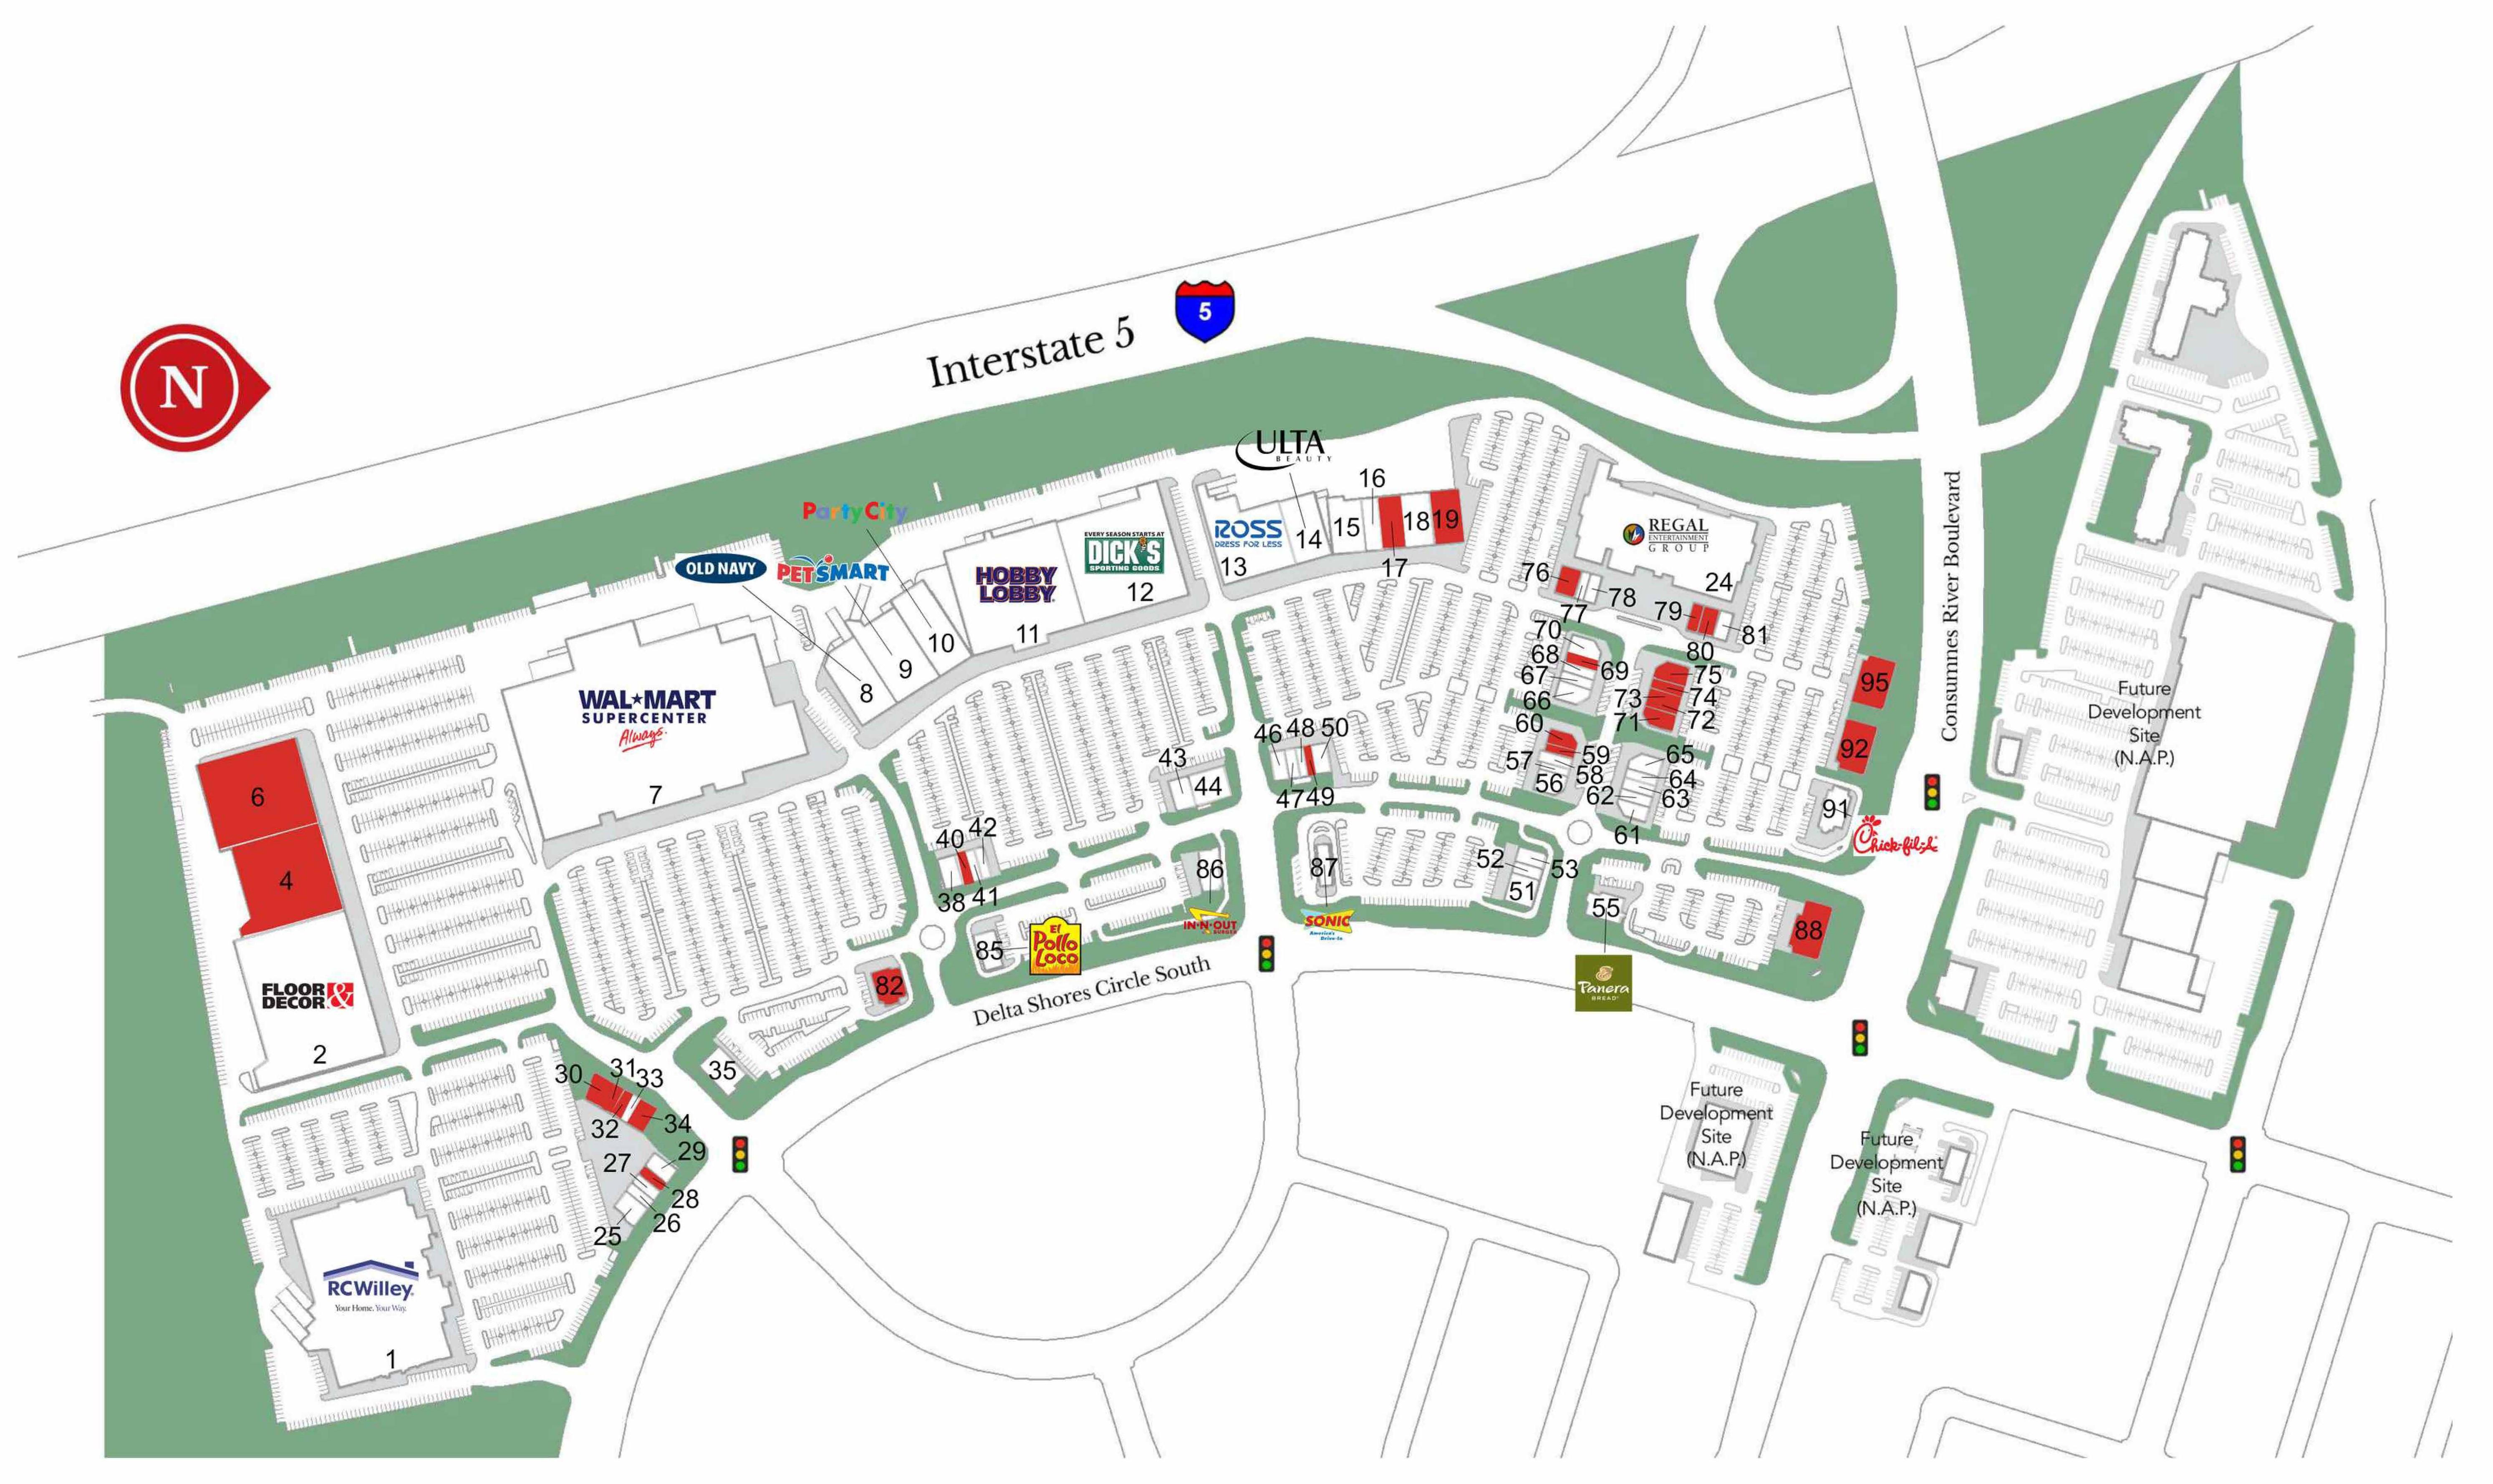 Site Plan – Site Plan Maps